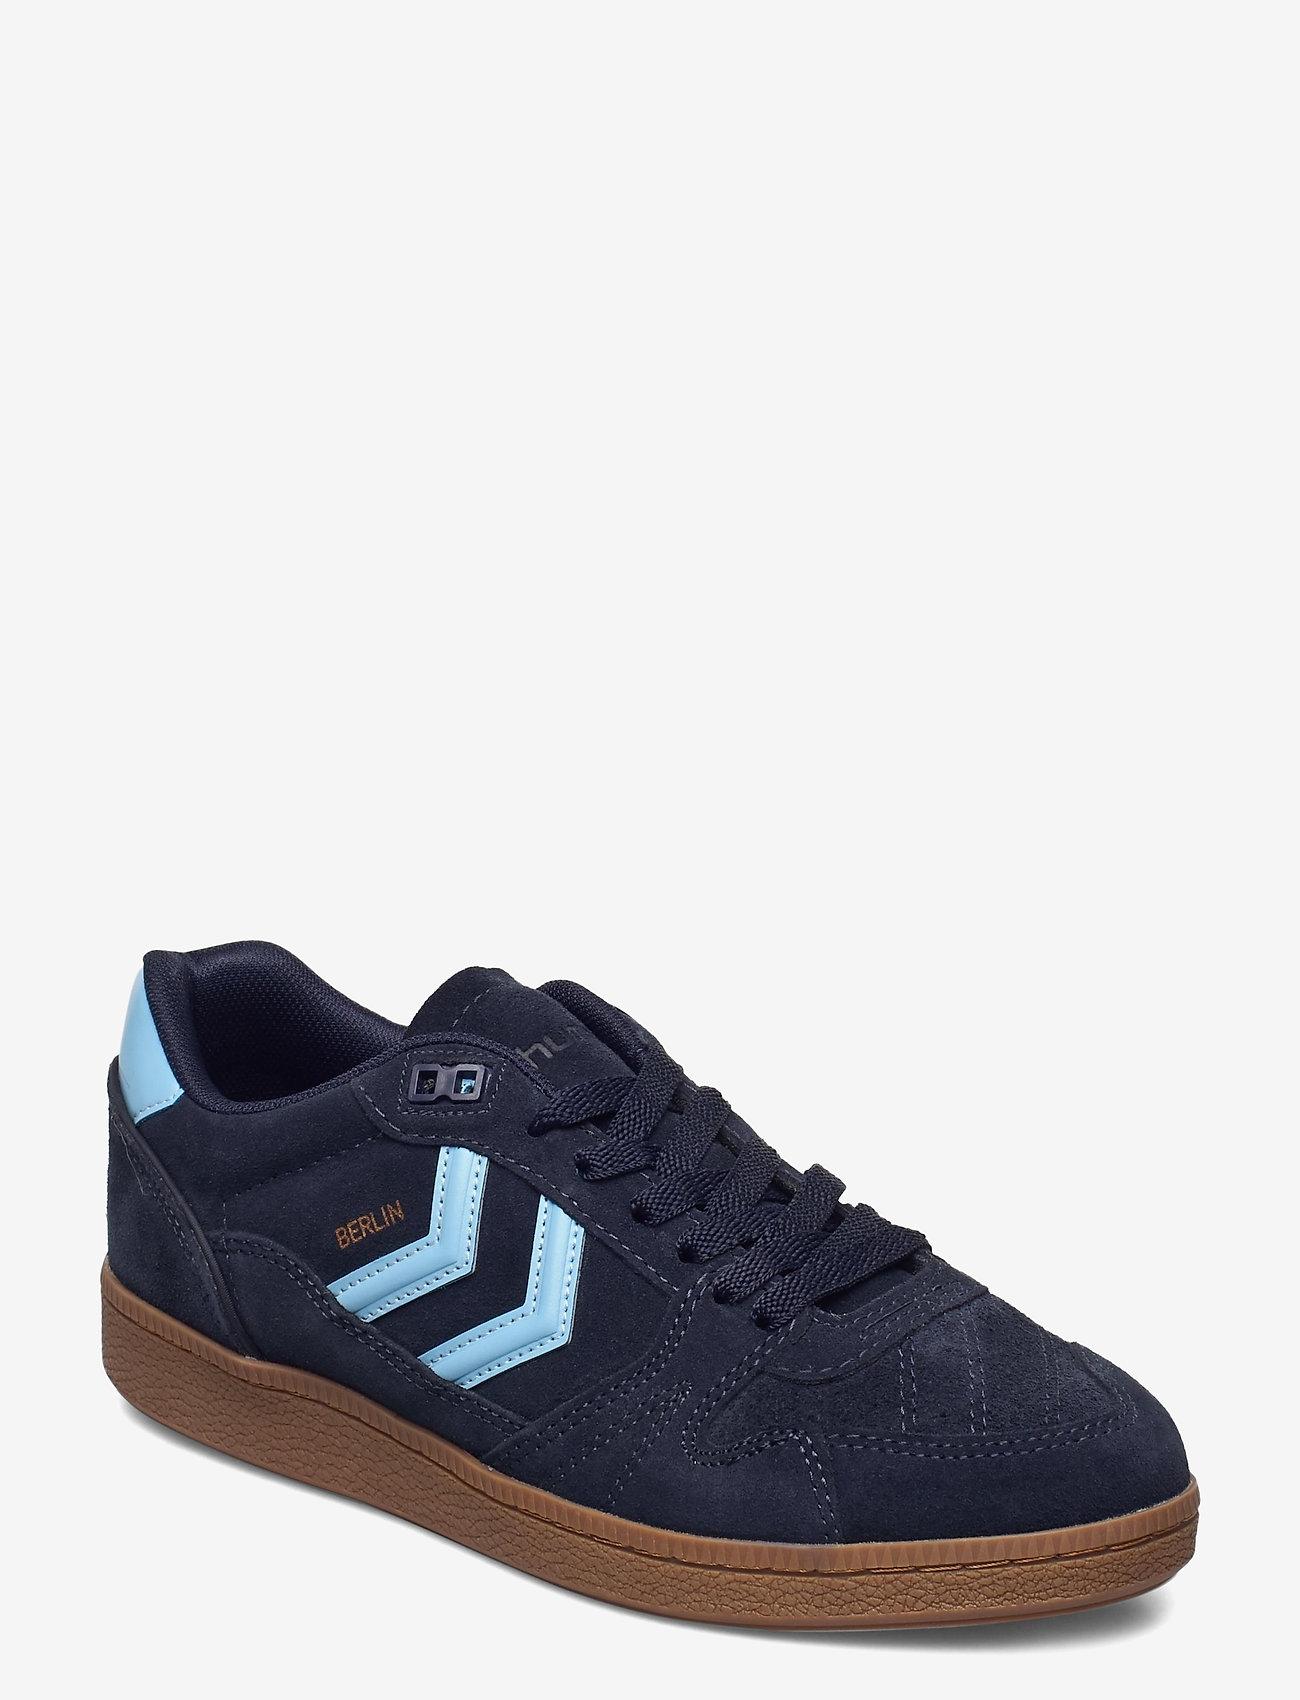 Hummel - HB TEAM SUEDE - laag sneakers - peacoat - 0